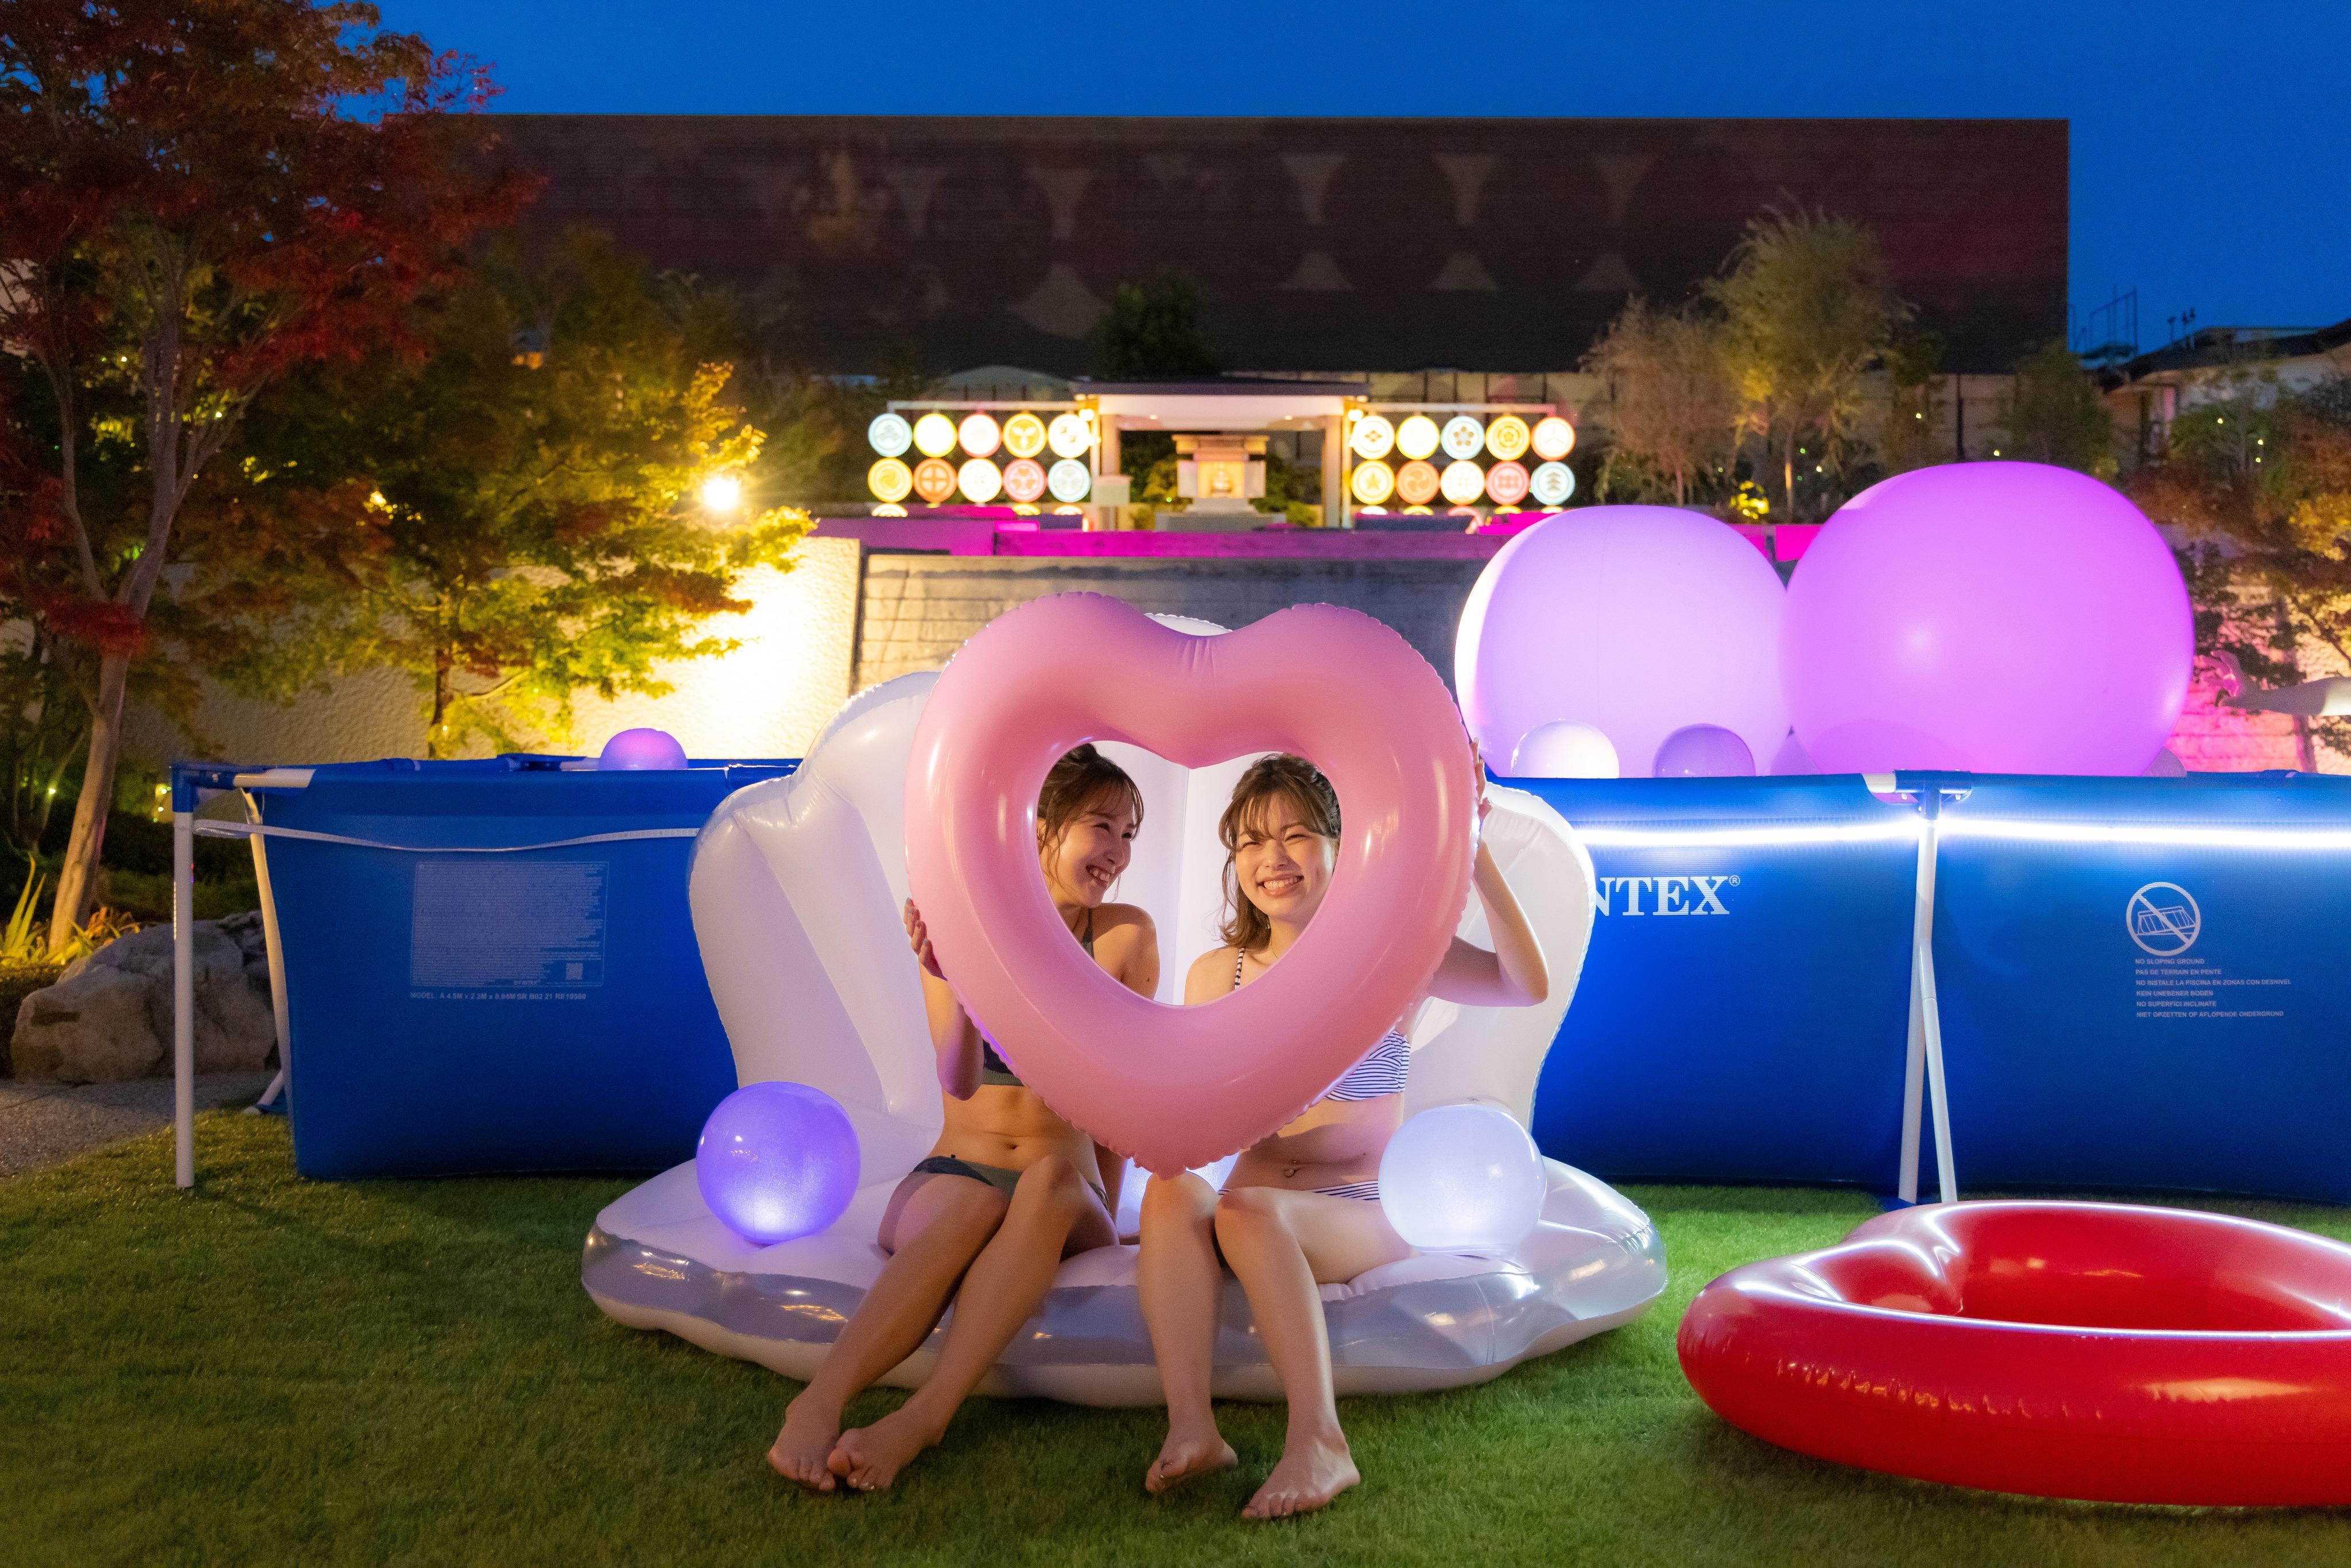 大阪市の温泉型テーマパークでプチナイトプール&夜市を開催 「空庭温泉 OSAKA BAY TOWER」、庭園でグランピングやテントサウナも 画像1